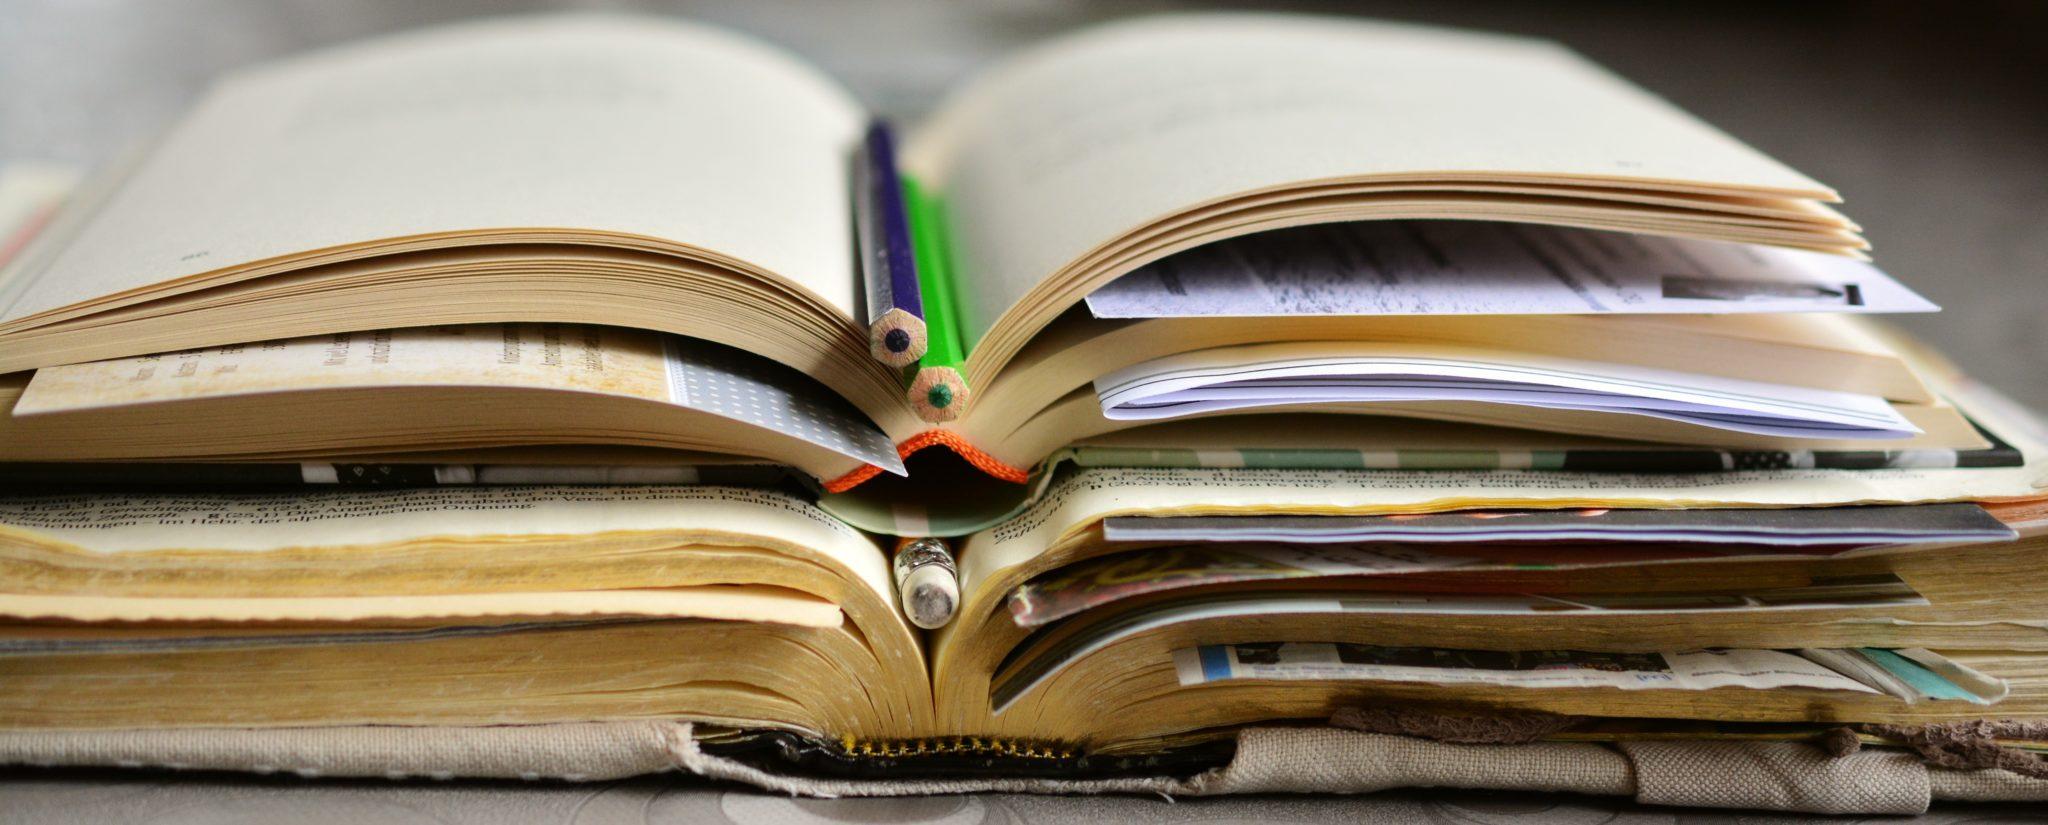 Gestapelte Bücher mit Stiften und Notizen darin